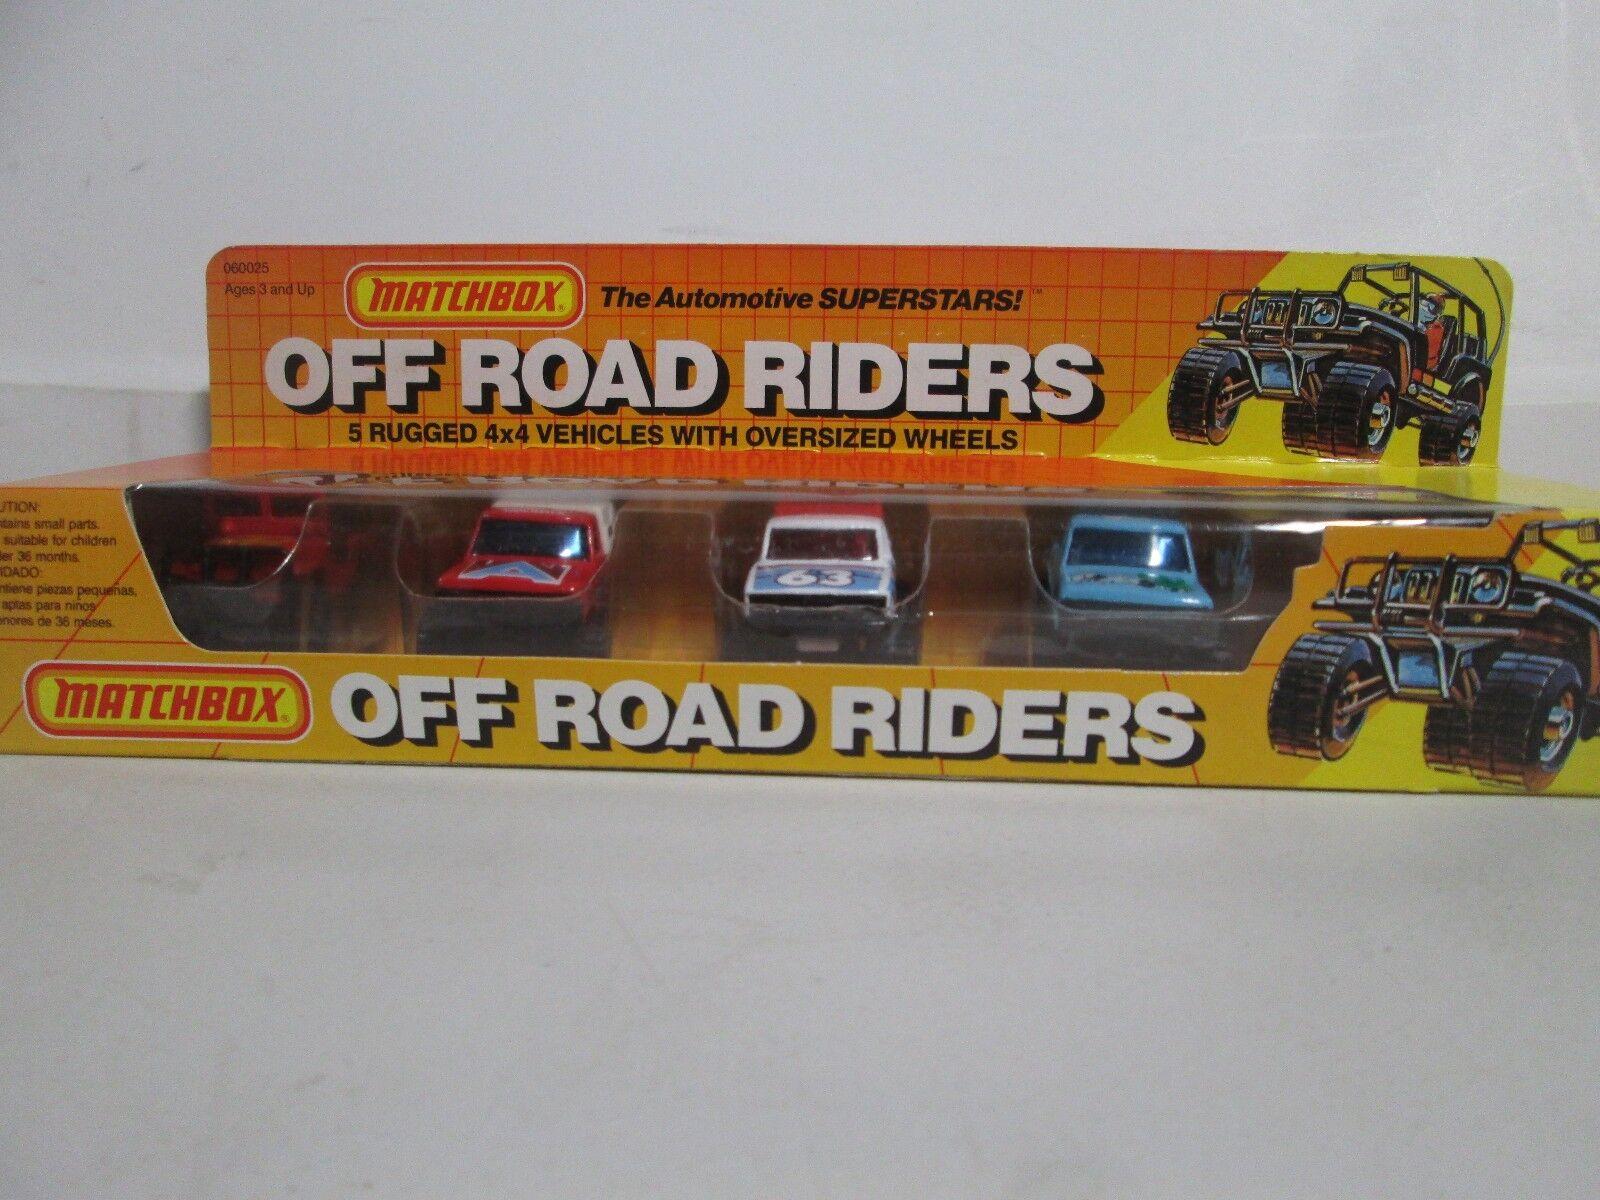 Matchbox Off Road Riders 5 vehículos 4x4 resistente con ruedas de gran tamaño